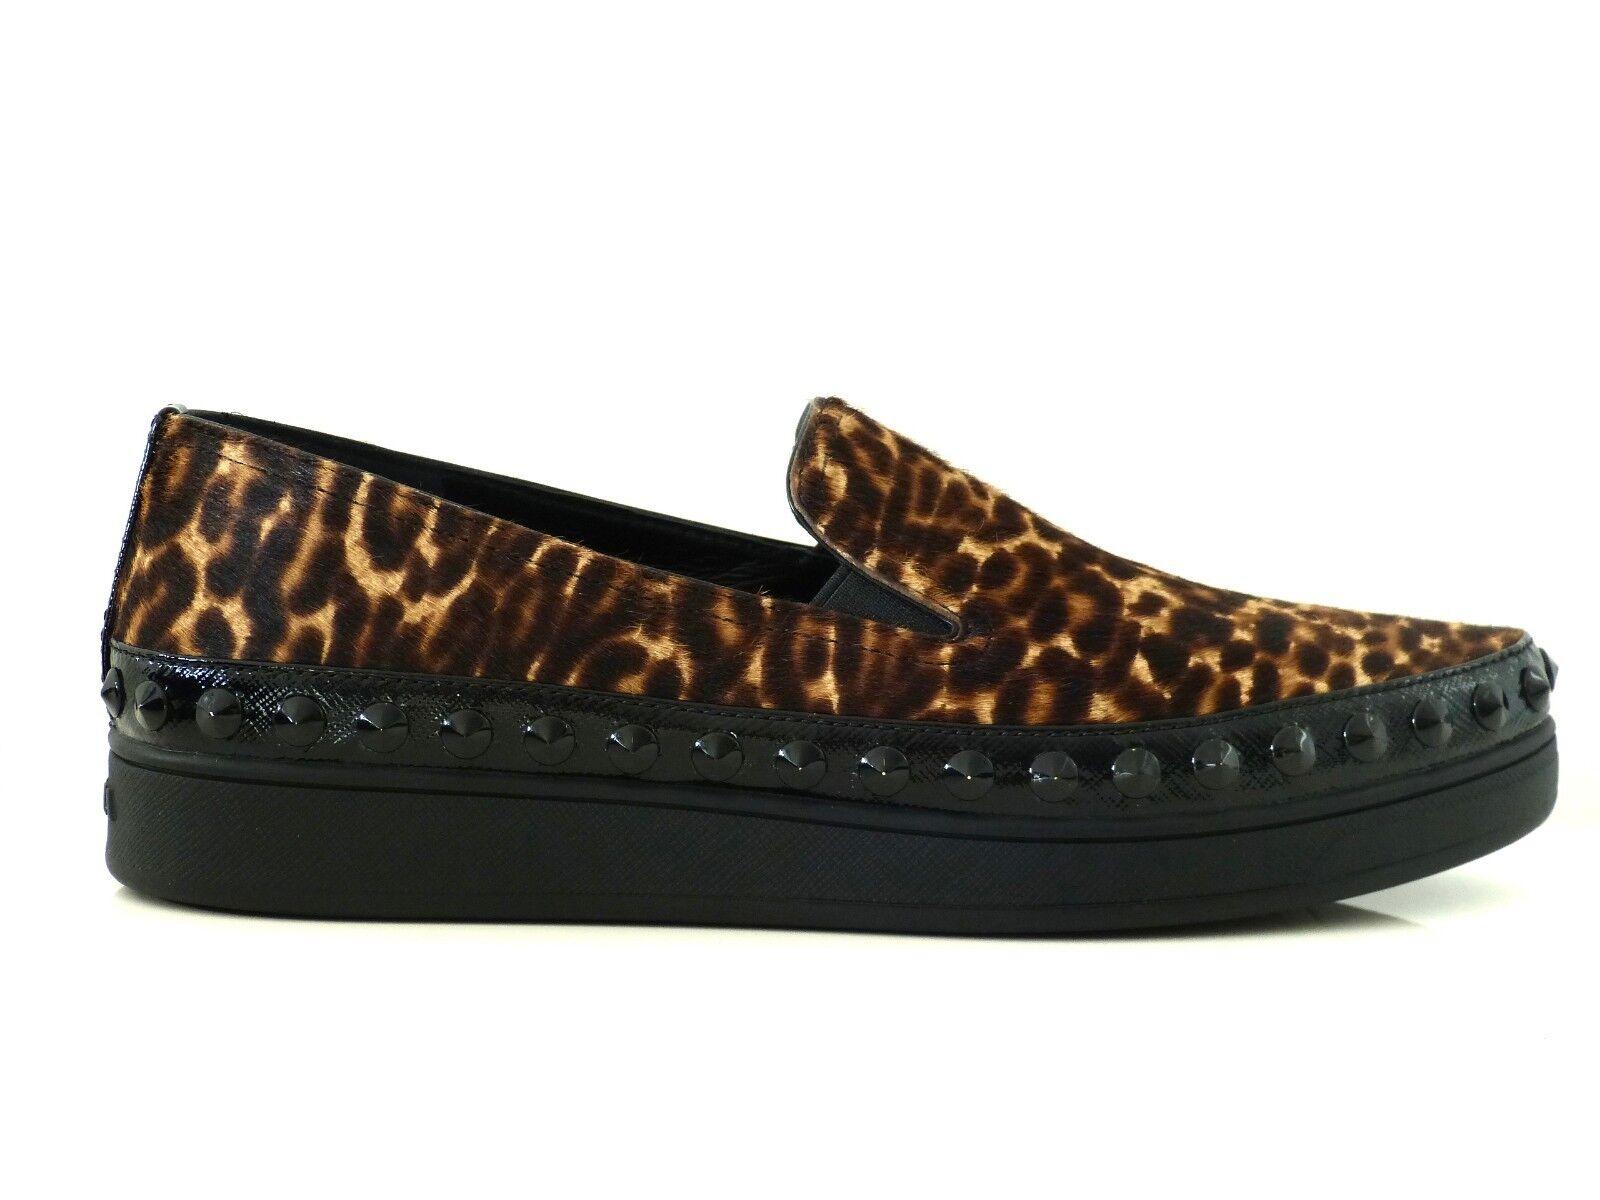 Prada Chaussures Baskets Slipper echtfell chaussures real fur léopard eu 39, 5 Neuf New